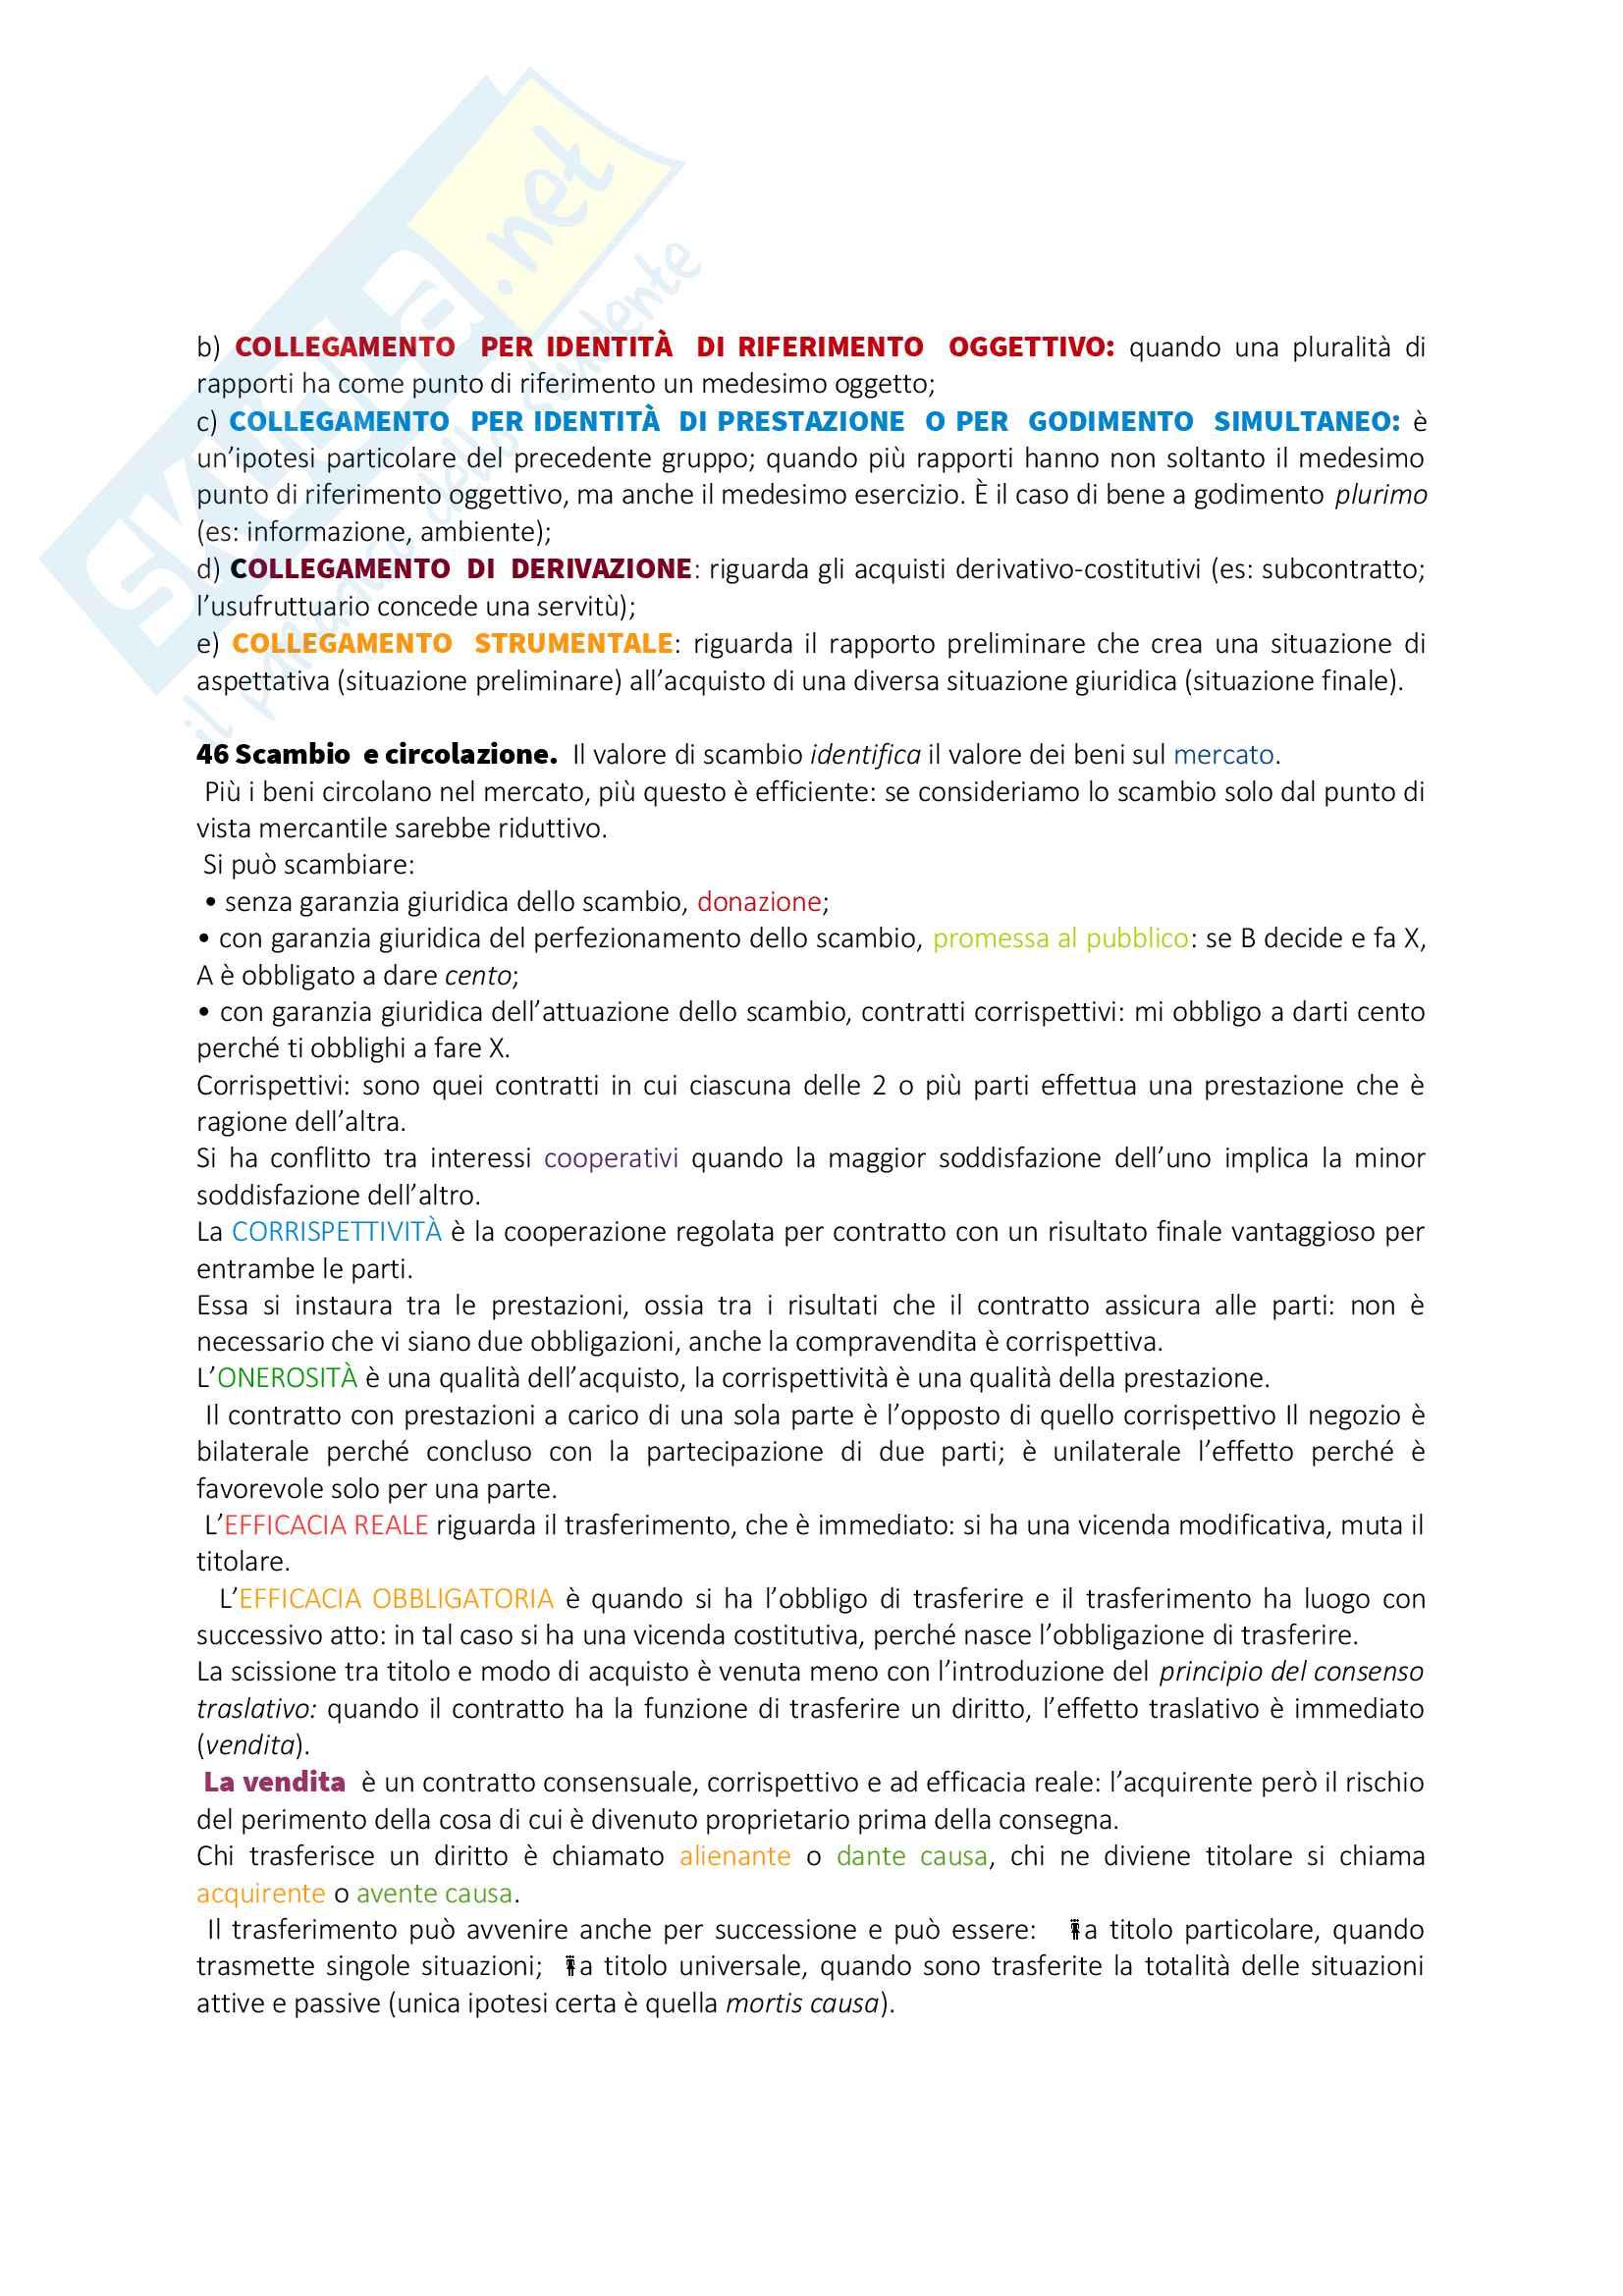 Appunti Diritto privato I Pag. 31